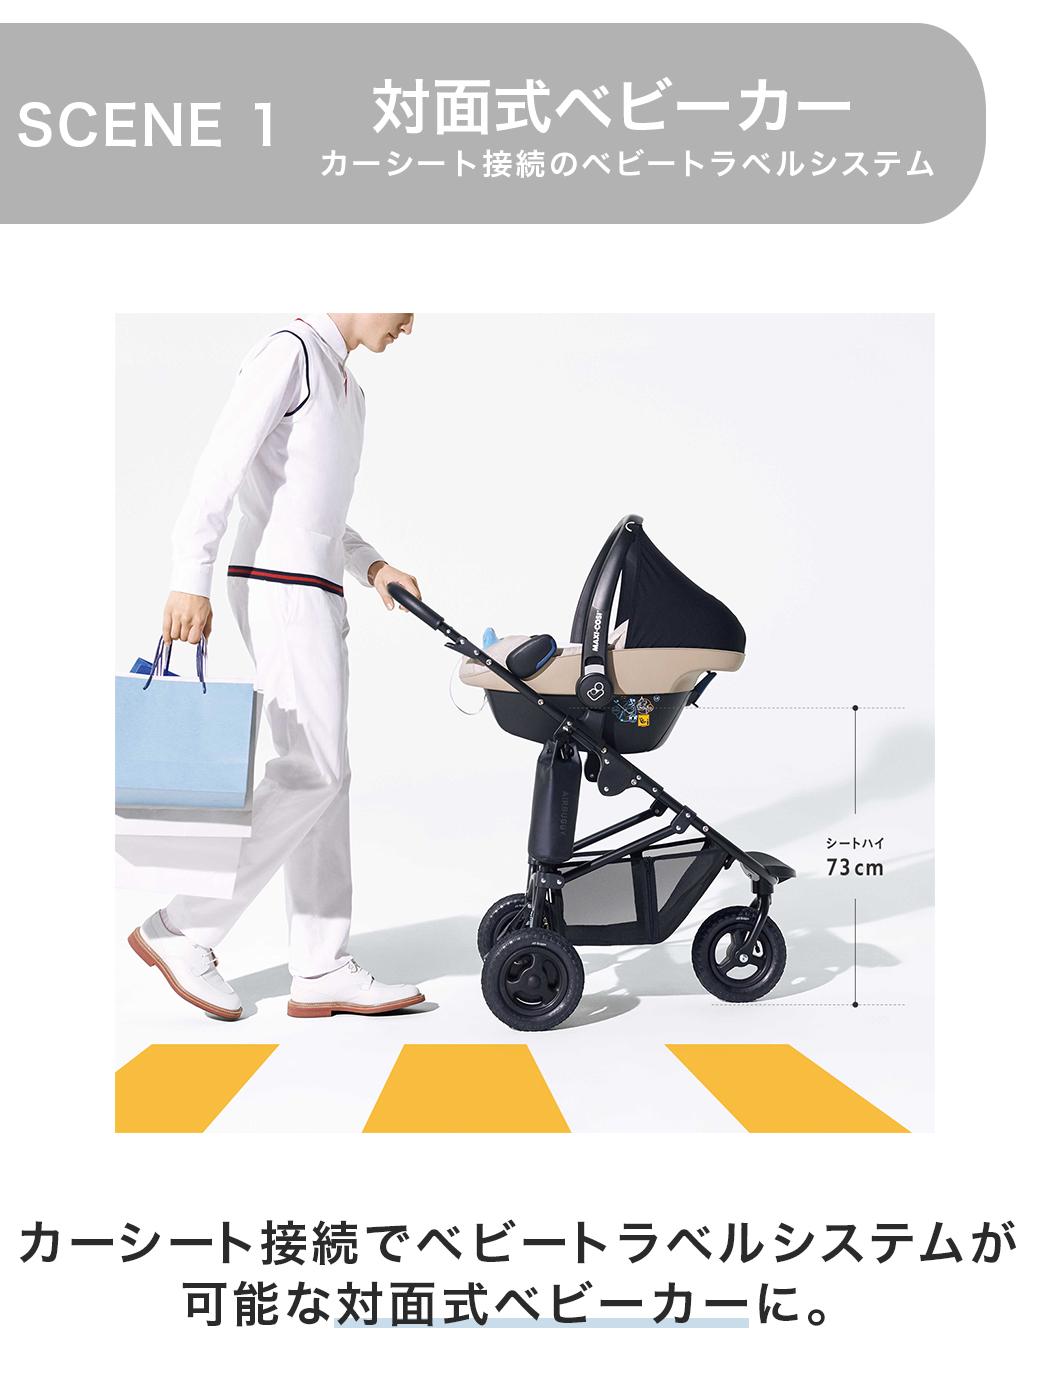 エアバギーのフレーム単品販売の商品ページ2